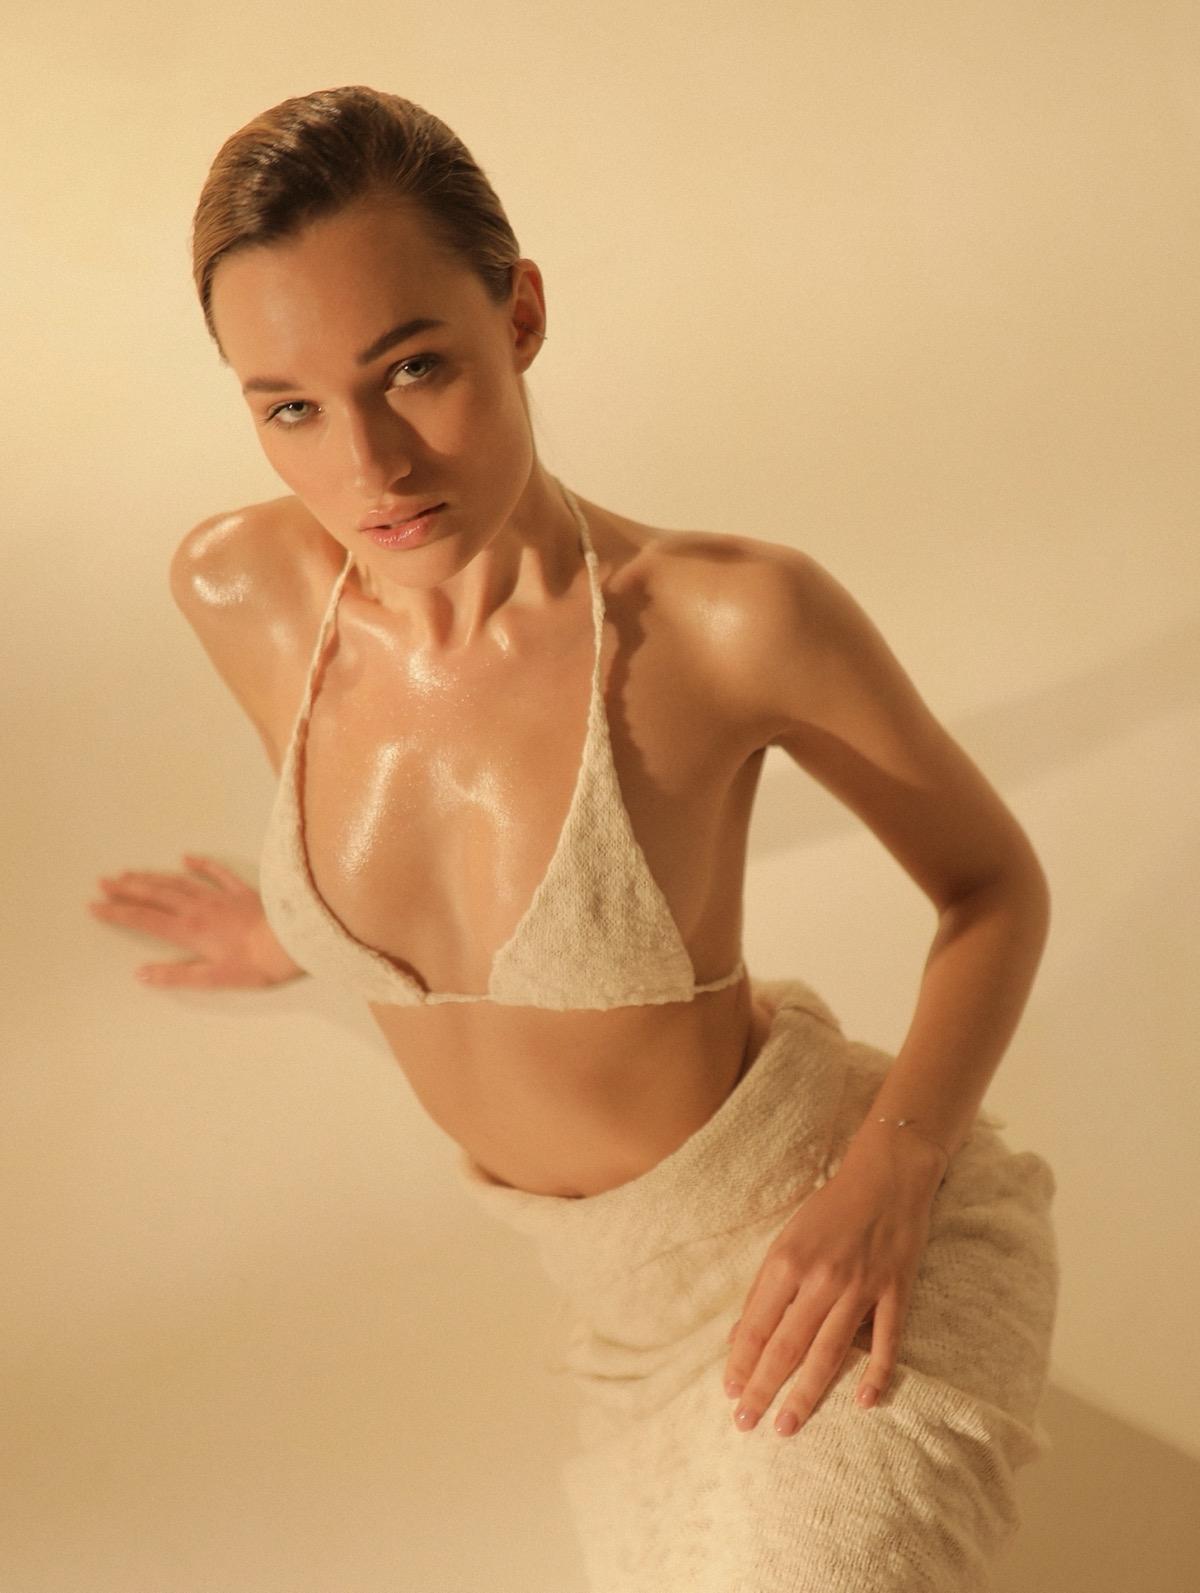 """""""Я всегда мечтала быть на сцене"""": Диана Глостер о блогерстве, работе над собой и новой песней """"Танцуй меня"""" - фото №2"""